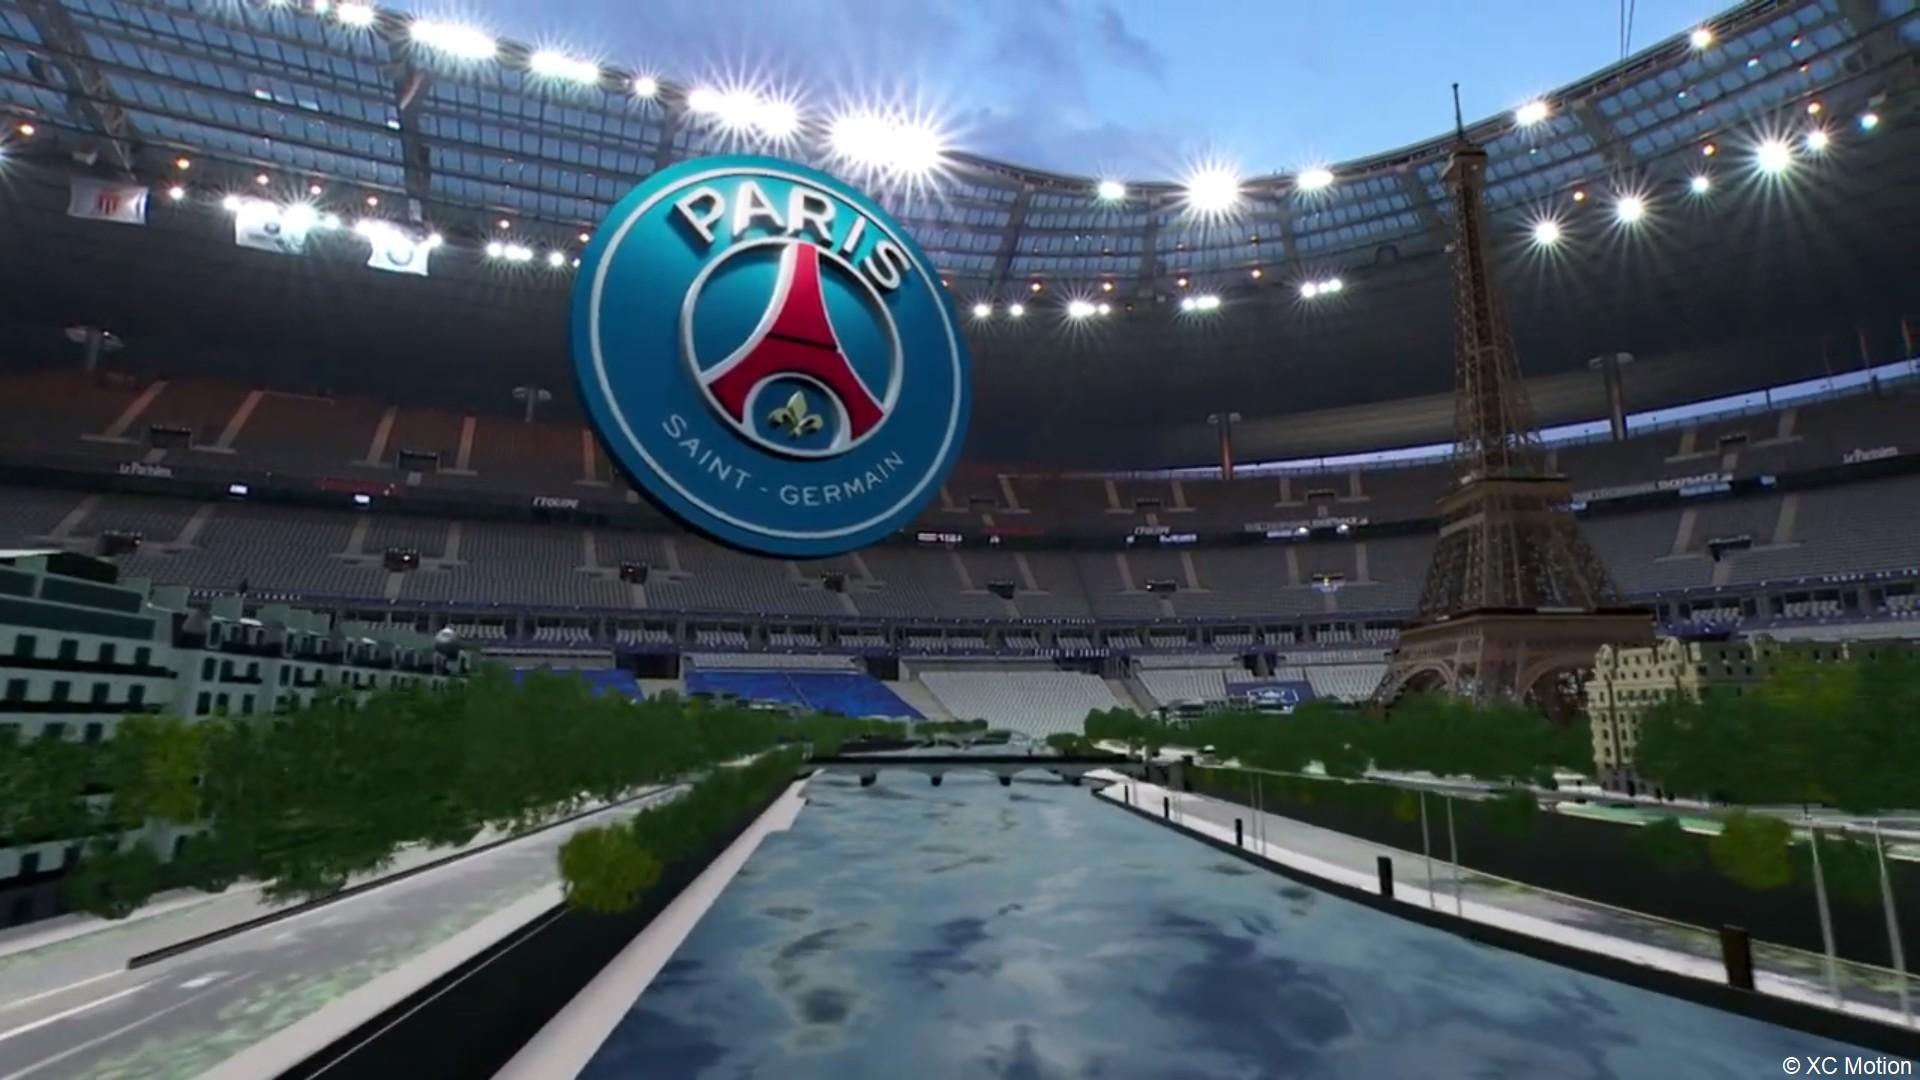 XD Motion réalité augmentée finale coupe de France 2021